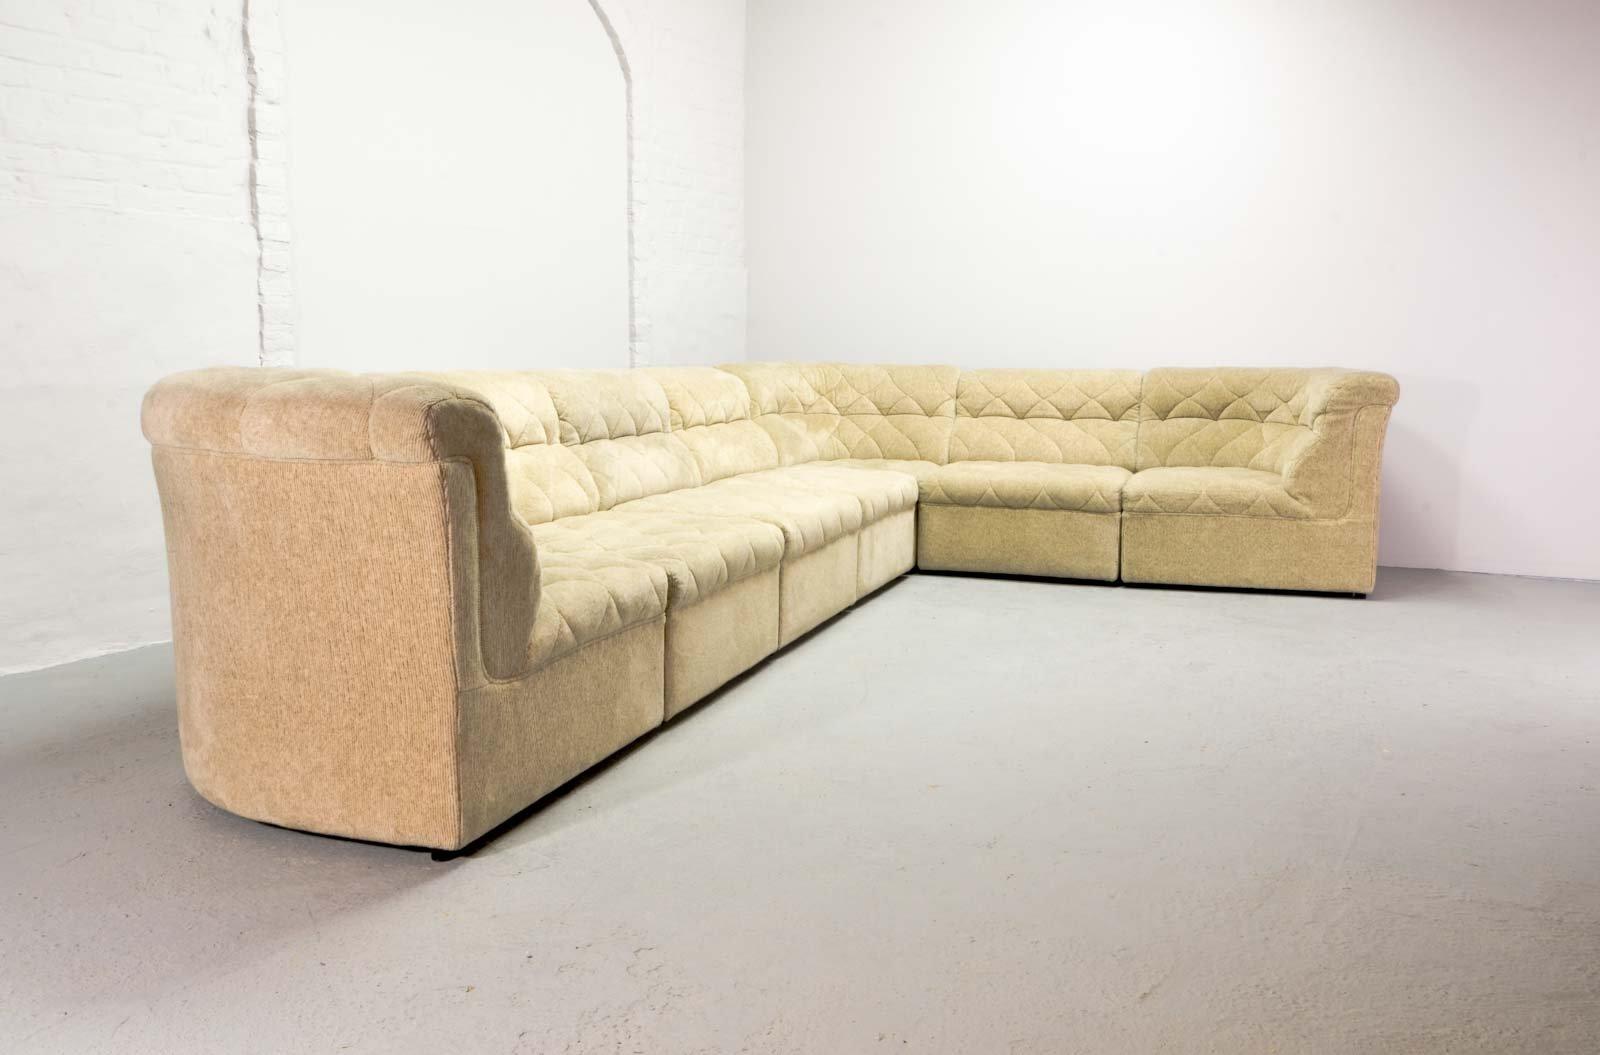 gro es modulares sofa von laauser 1970er bei pamono kaufen. Black Bedroom Furniture Sets. Home Design Ideas